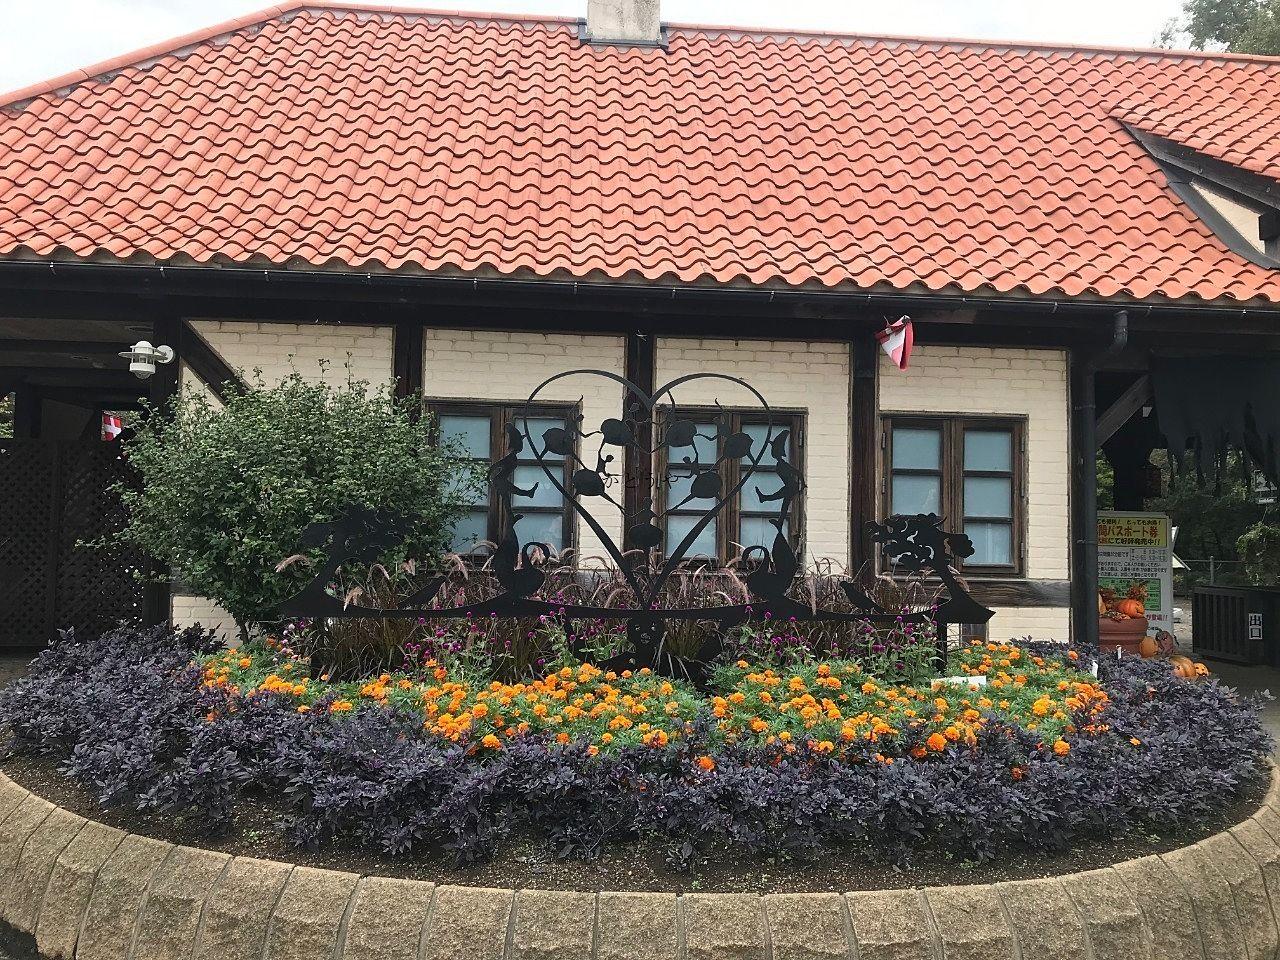 ふなばしアンデルセン公園は季節によって色とりどりのお花が植えられています